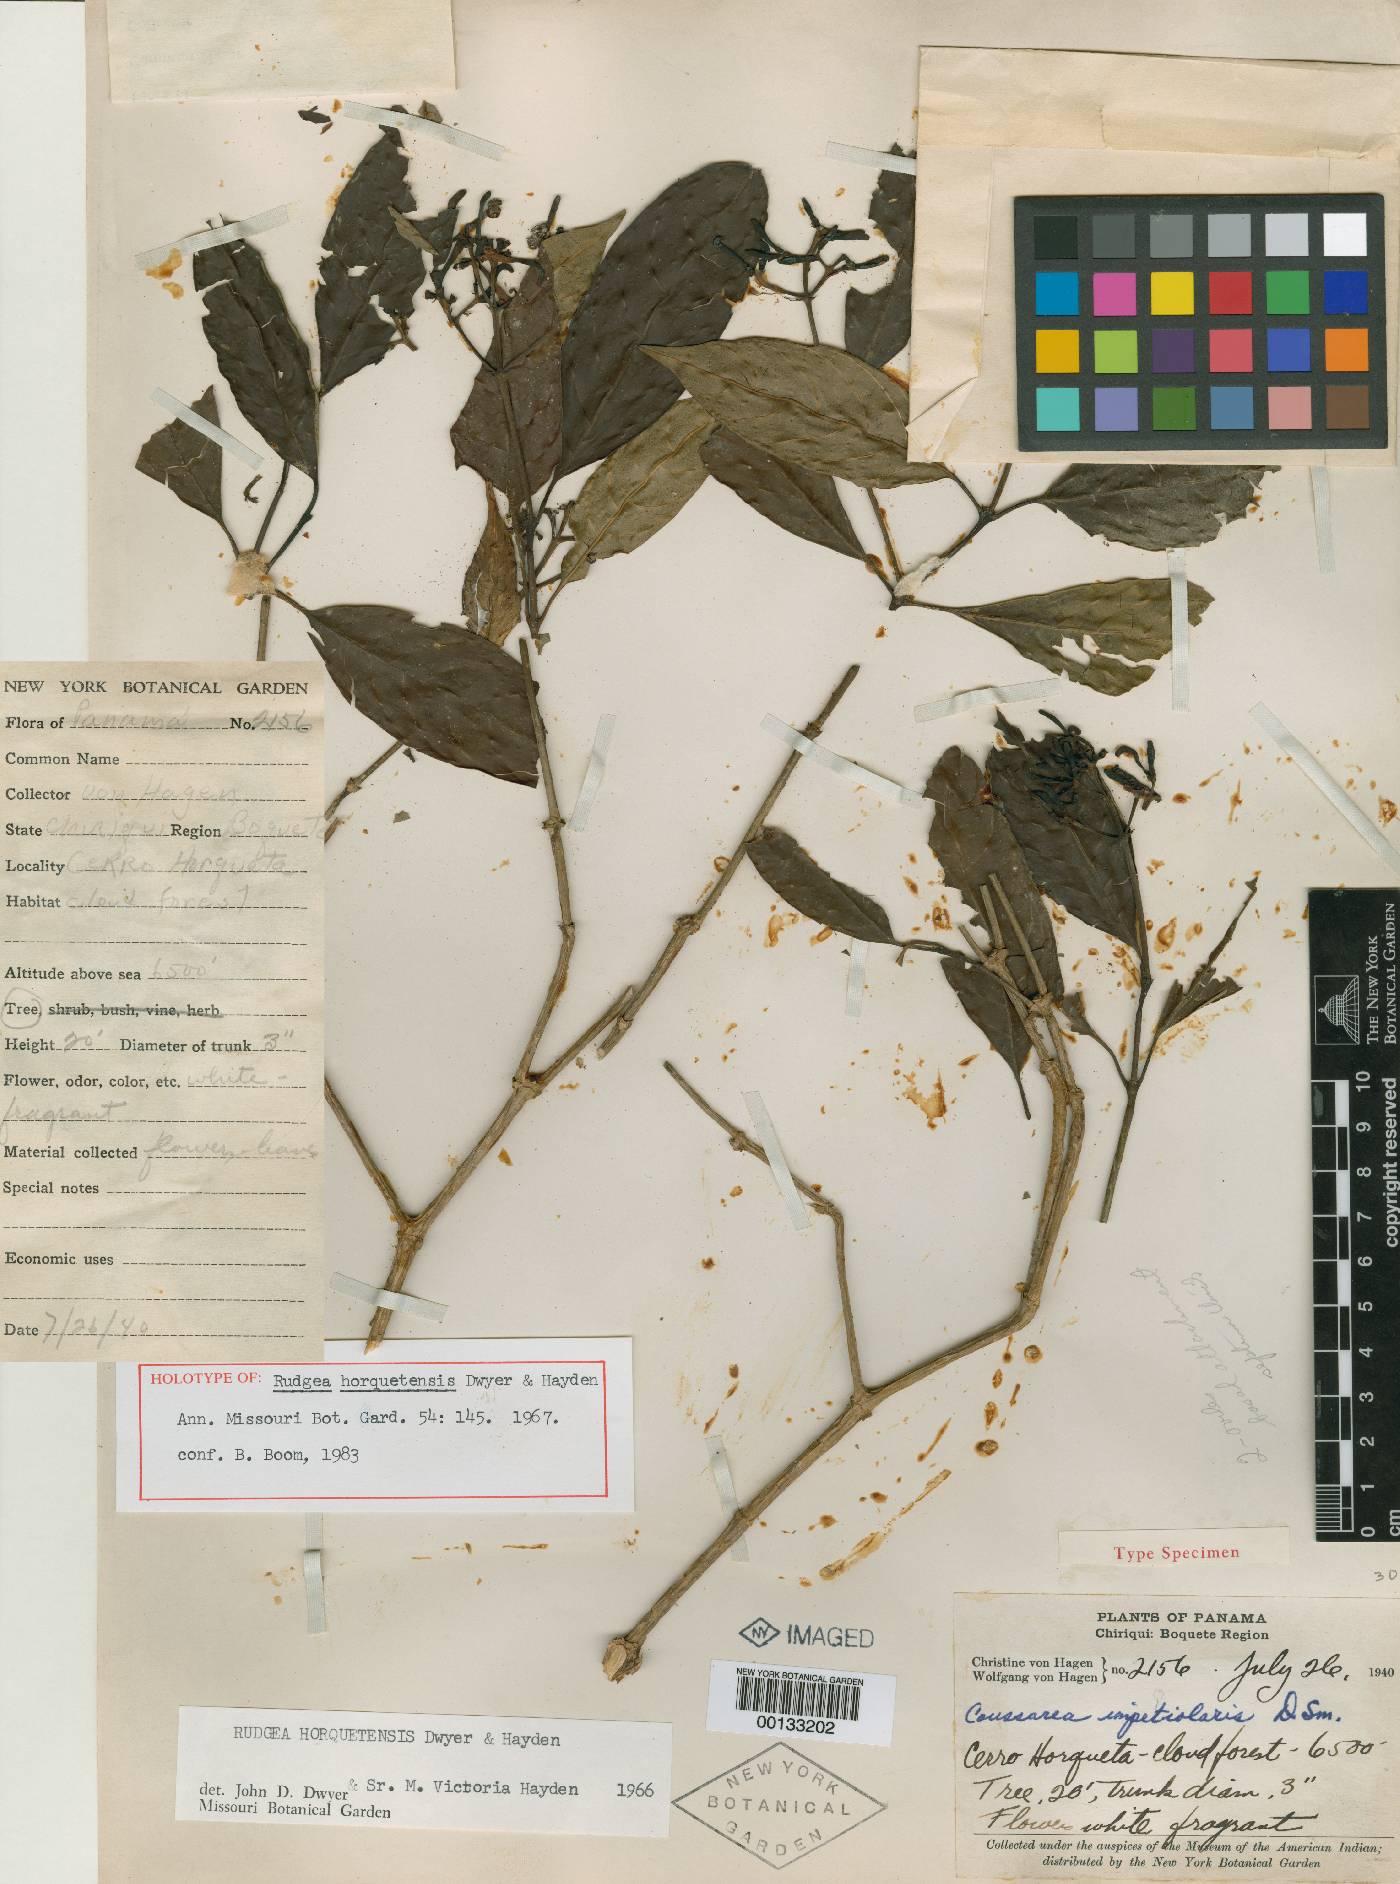 Rudgea horquetensis image